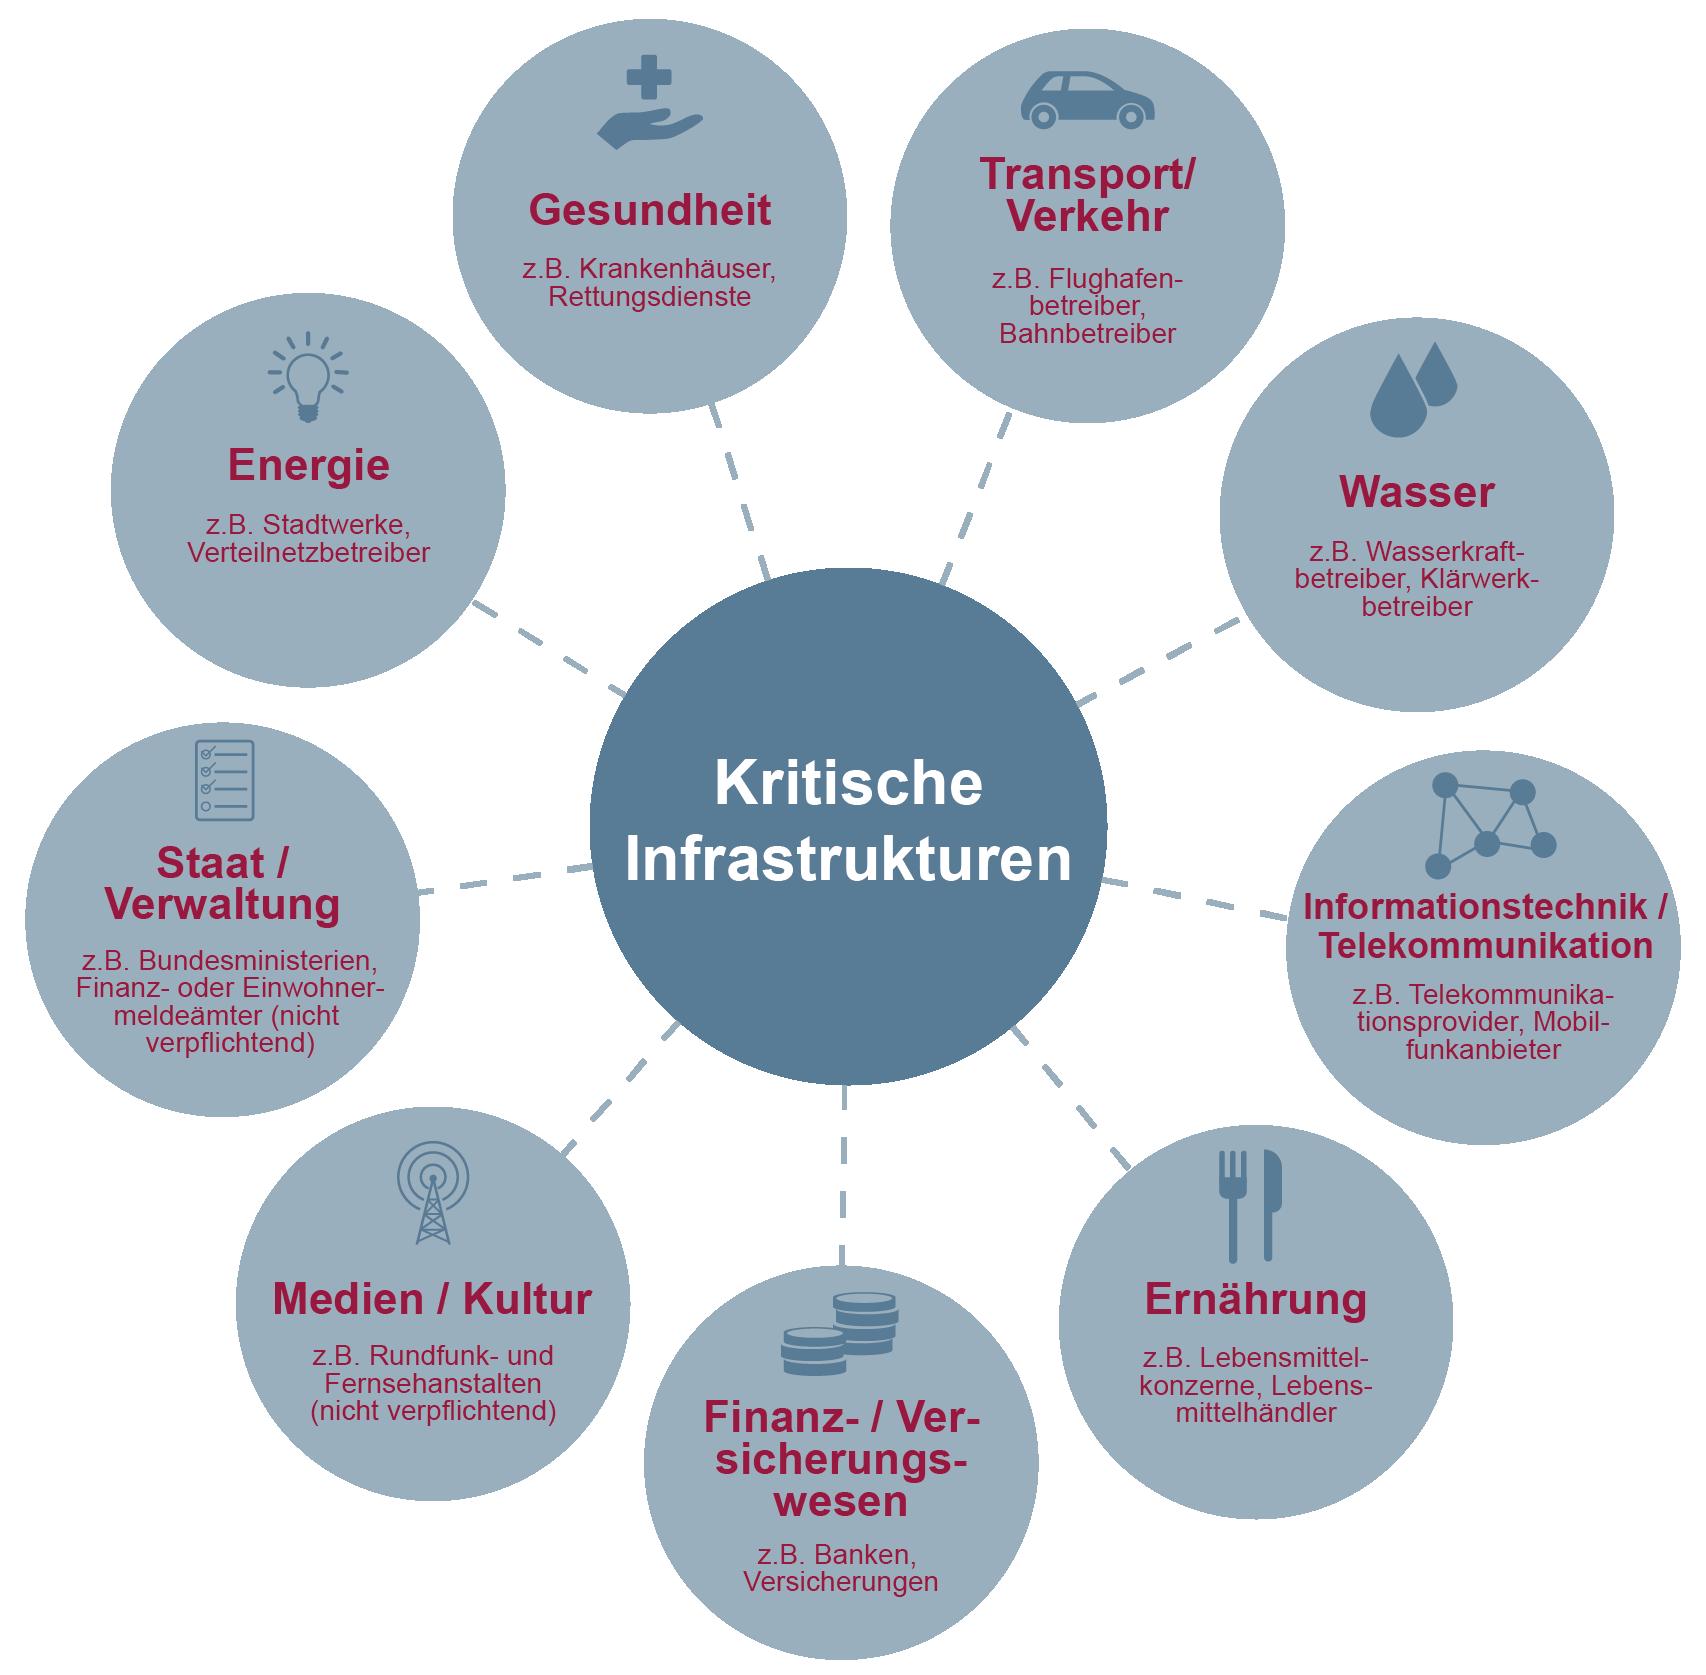 Kritische Infrastrukturen (KRITIS) - Glossar Cyber-Sicherheit - Prof. Norbert Pohlmann